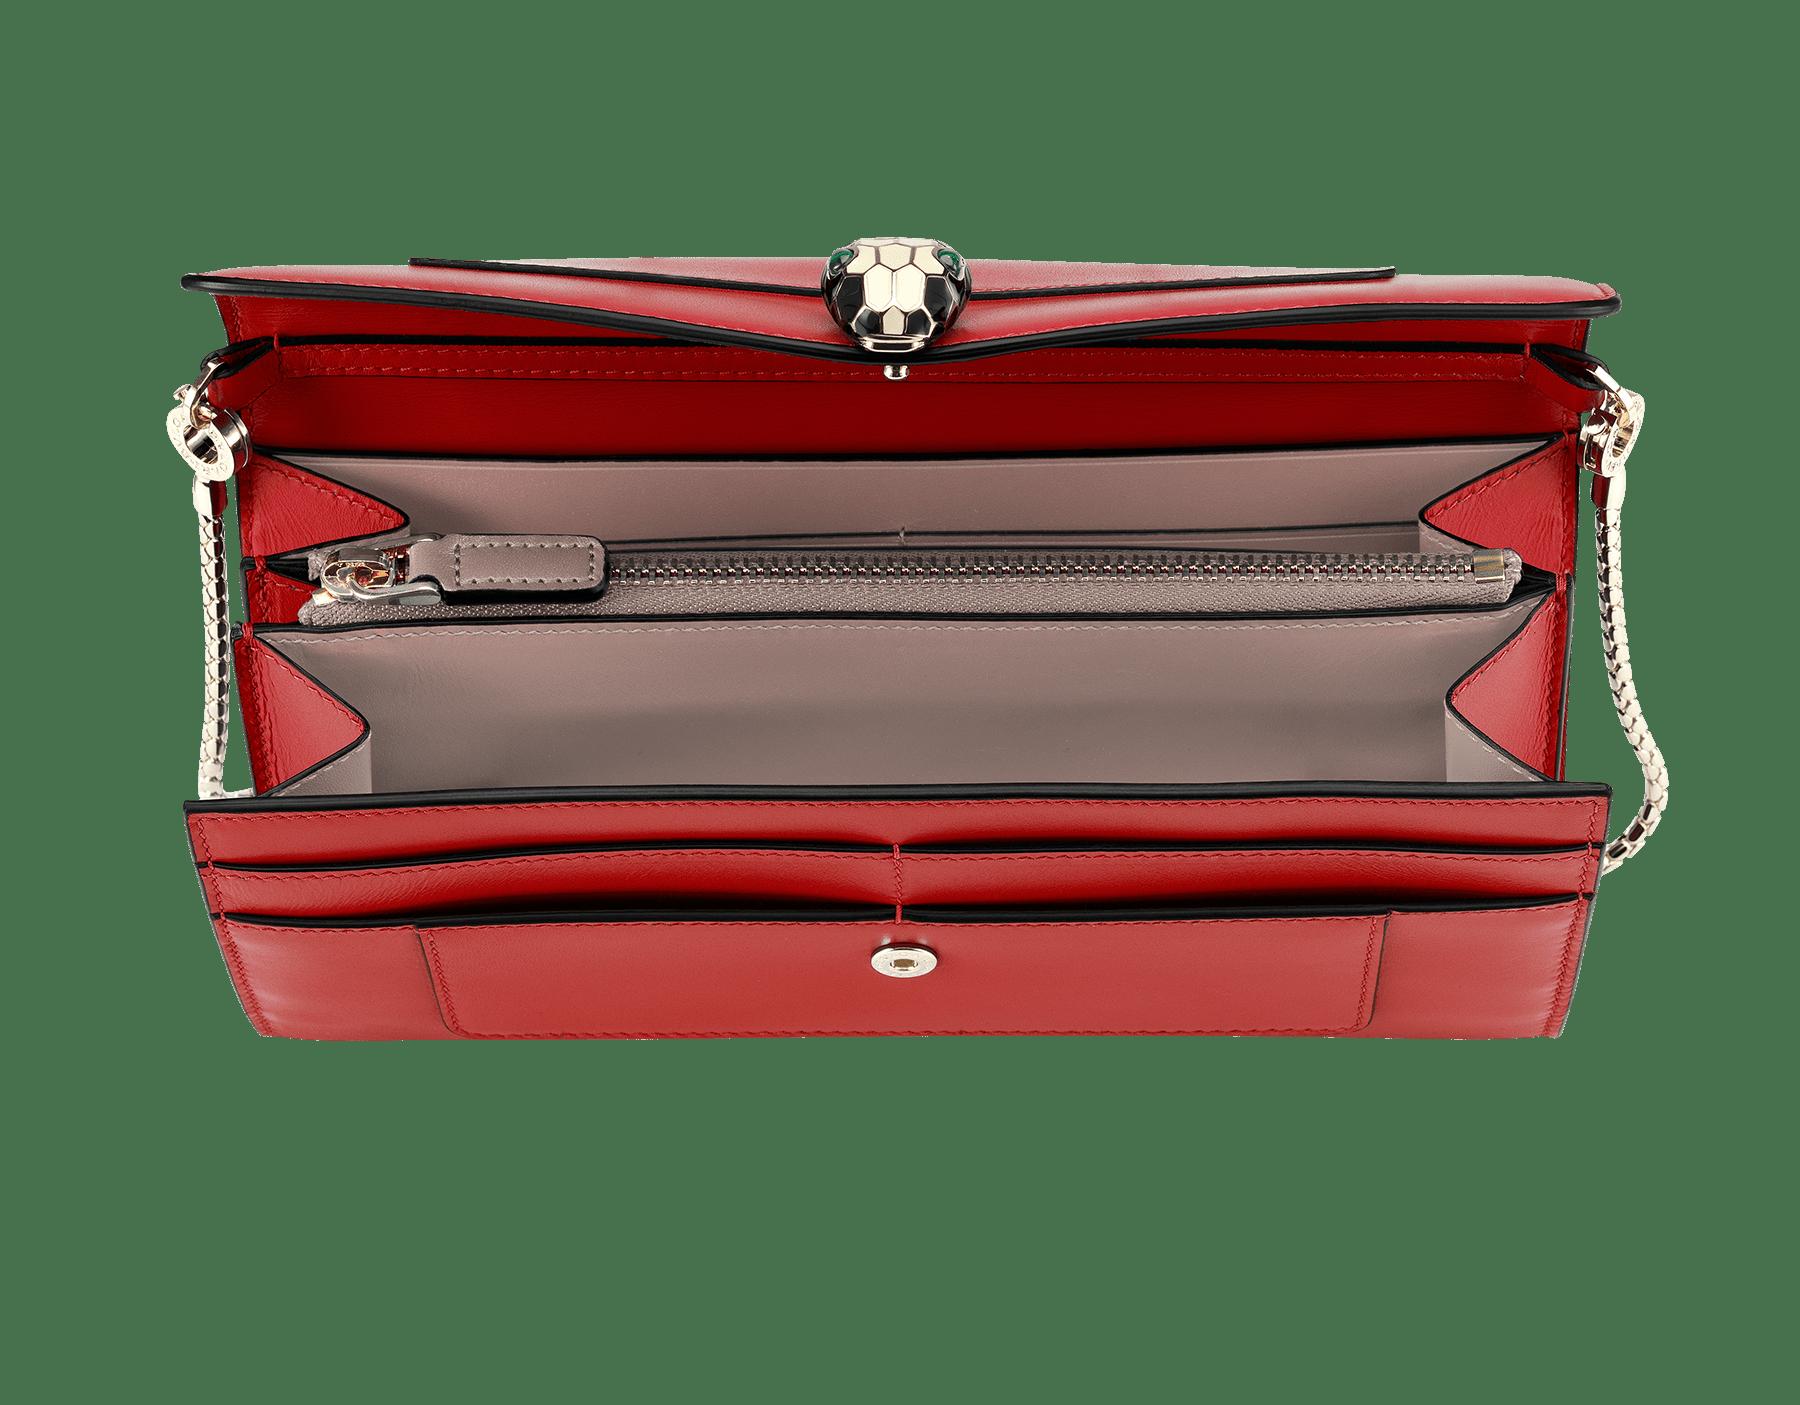 Pochette-portefeuille en cuir de veau couleur rouge rubis et quartz du désert, avec doublure en nappa fuchsia. Bouton-pression Serpenti en laiton doré et émail noir et blanc avec yeux en malachite. 281315 image 2